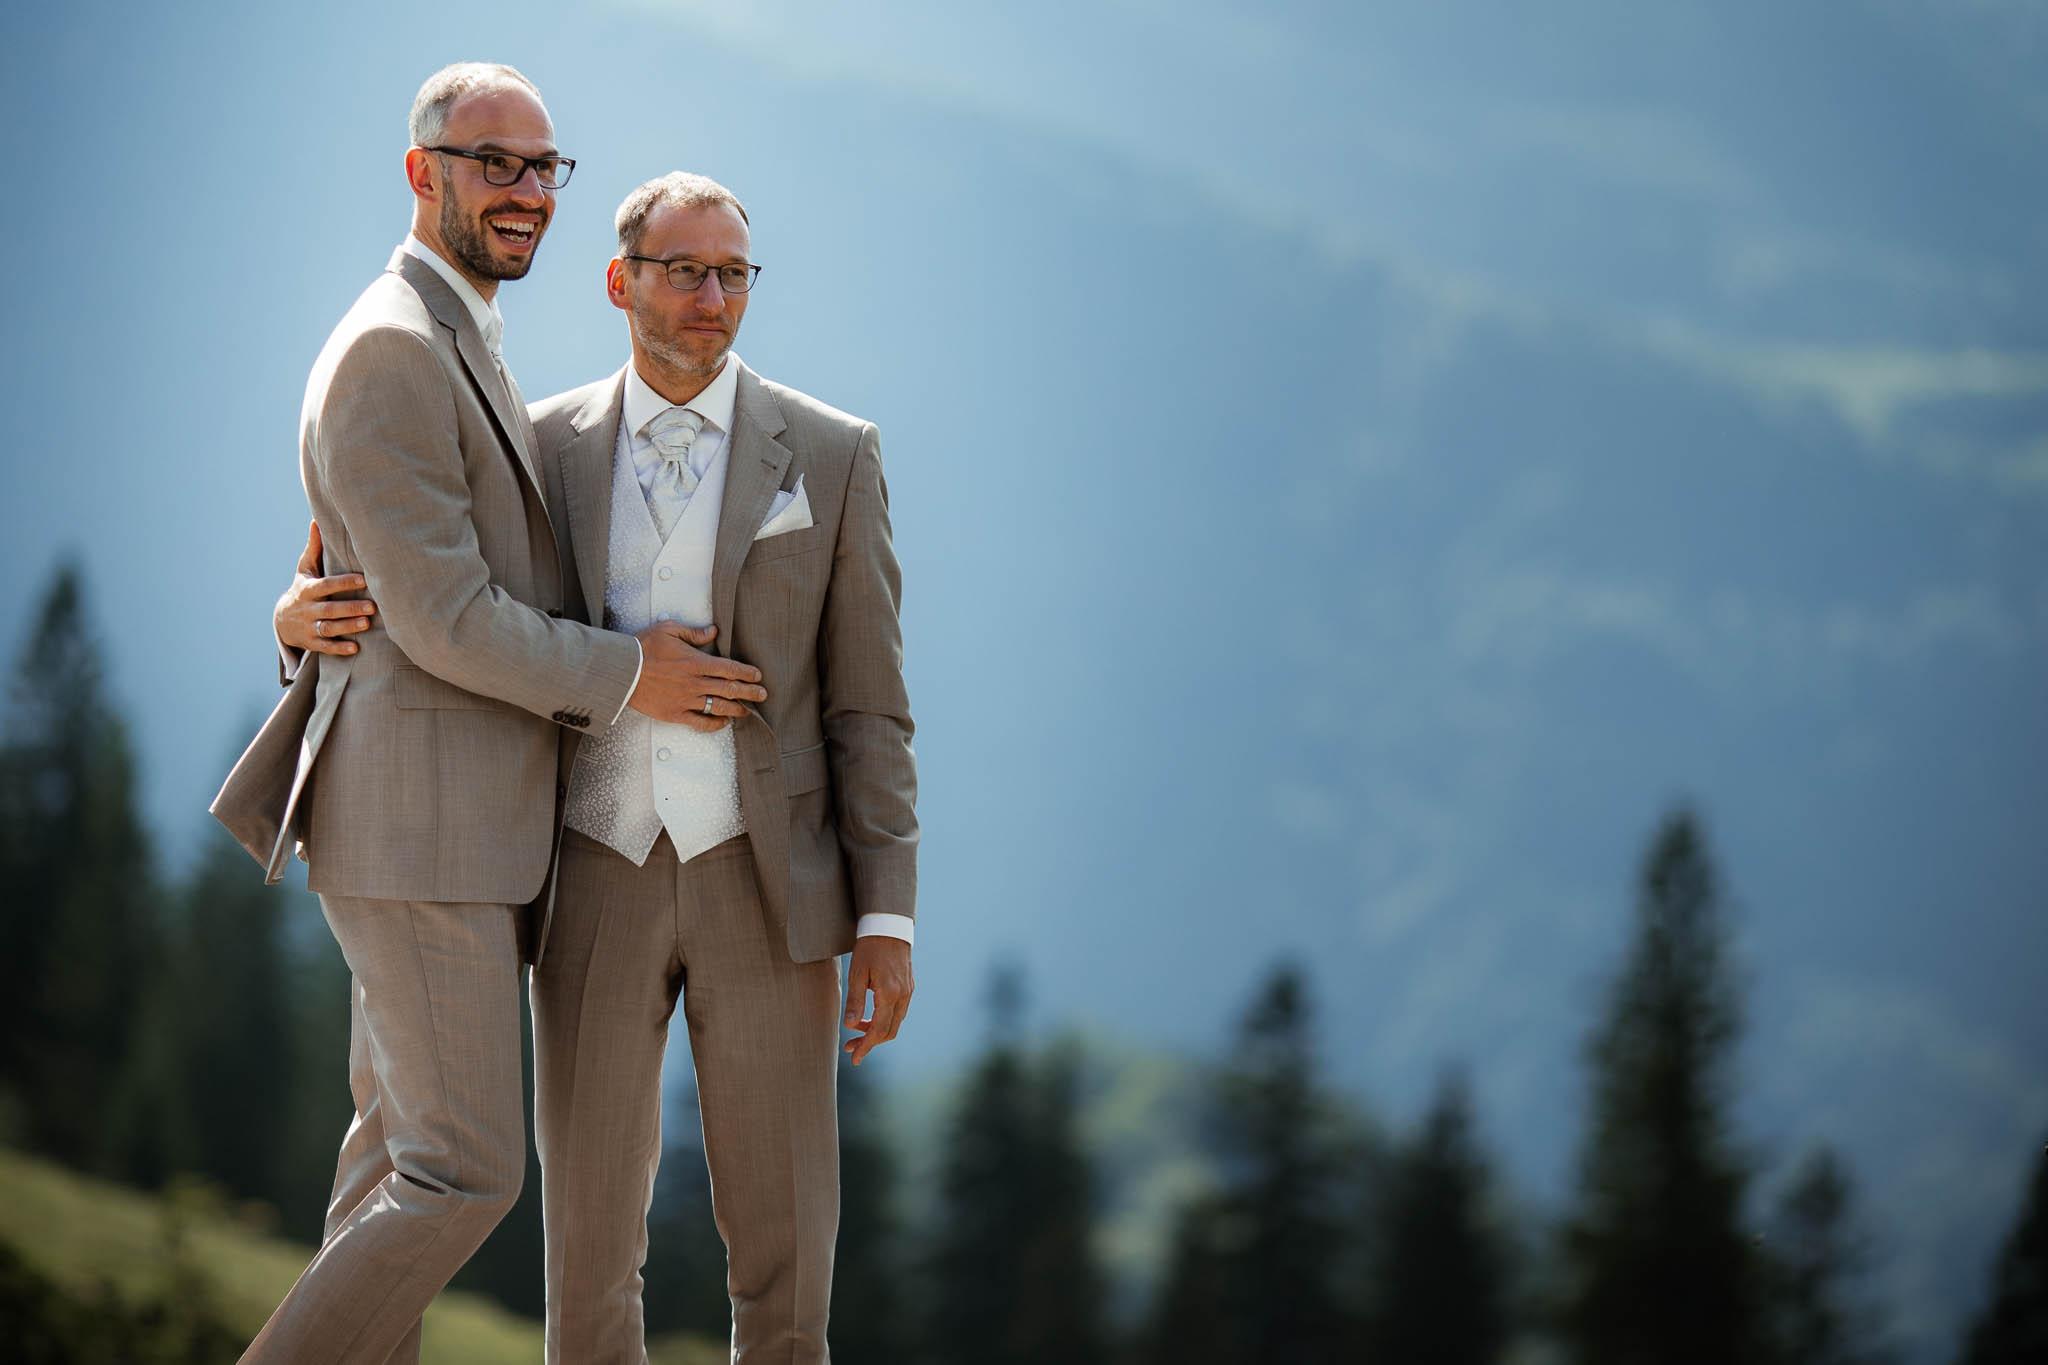 Hochzeitsfotograf Alpen, Chiemgau: freie Trauung von Dennis & Dirk